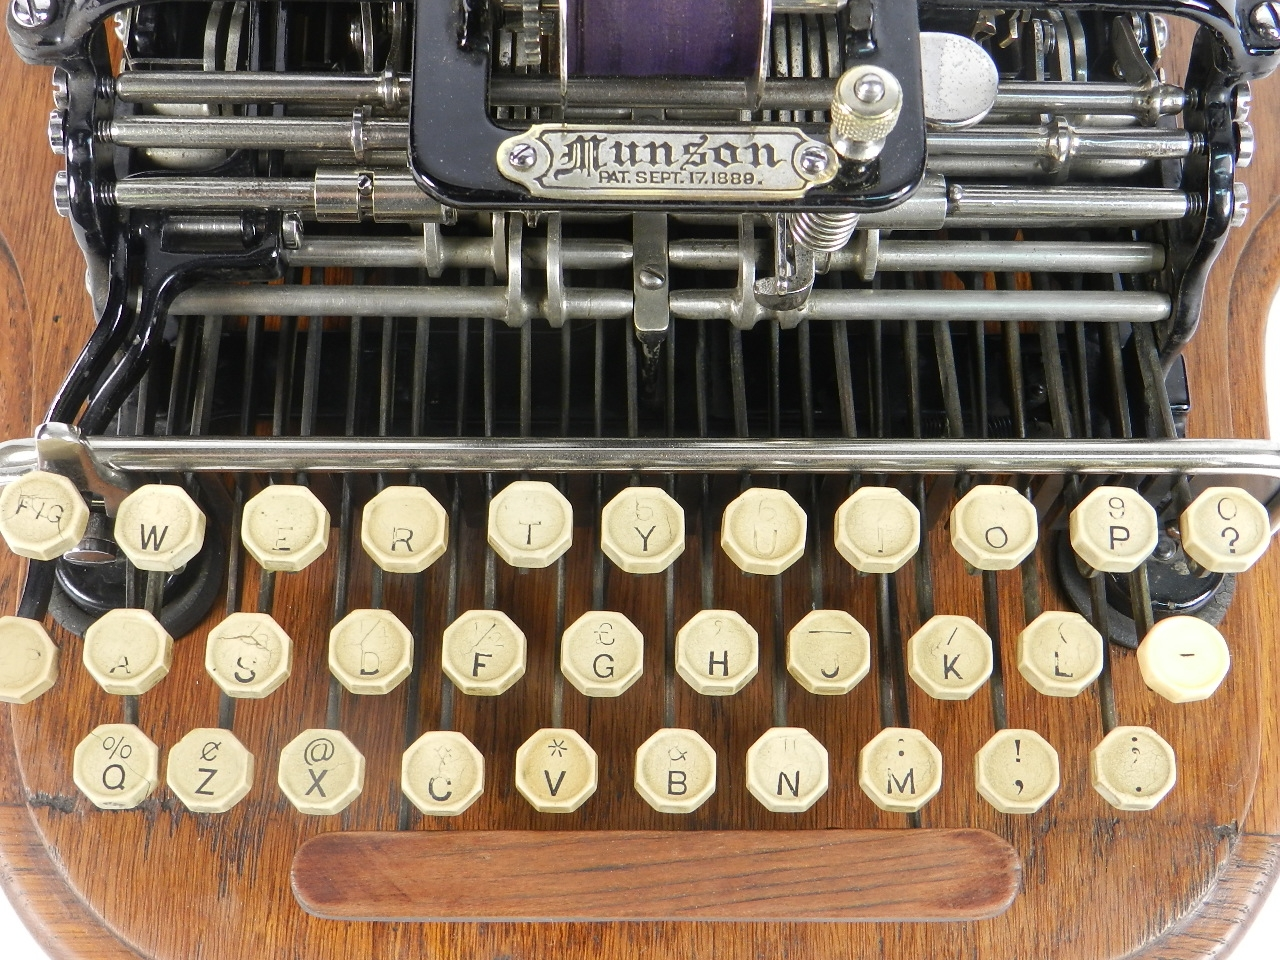 Imagen MUNSON Nº1 AÑO 1889 32192